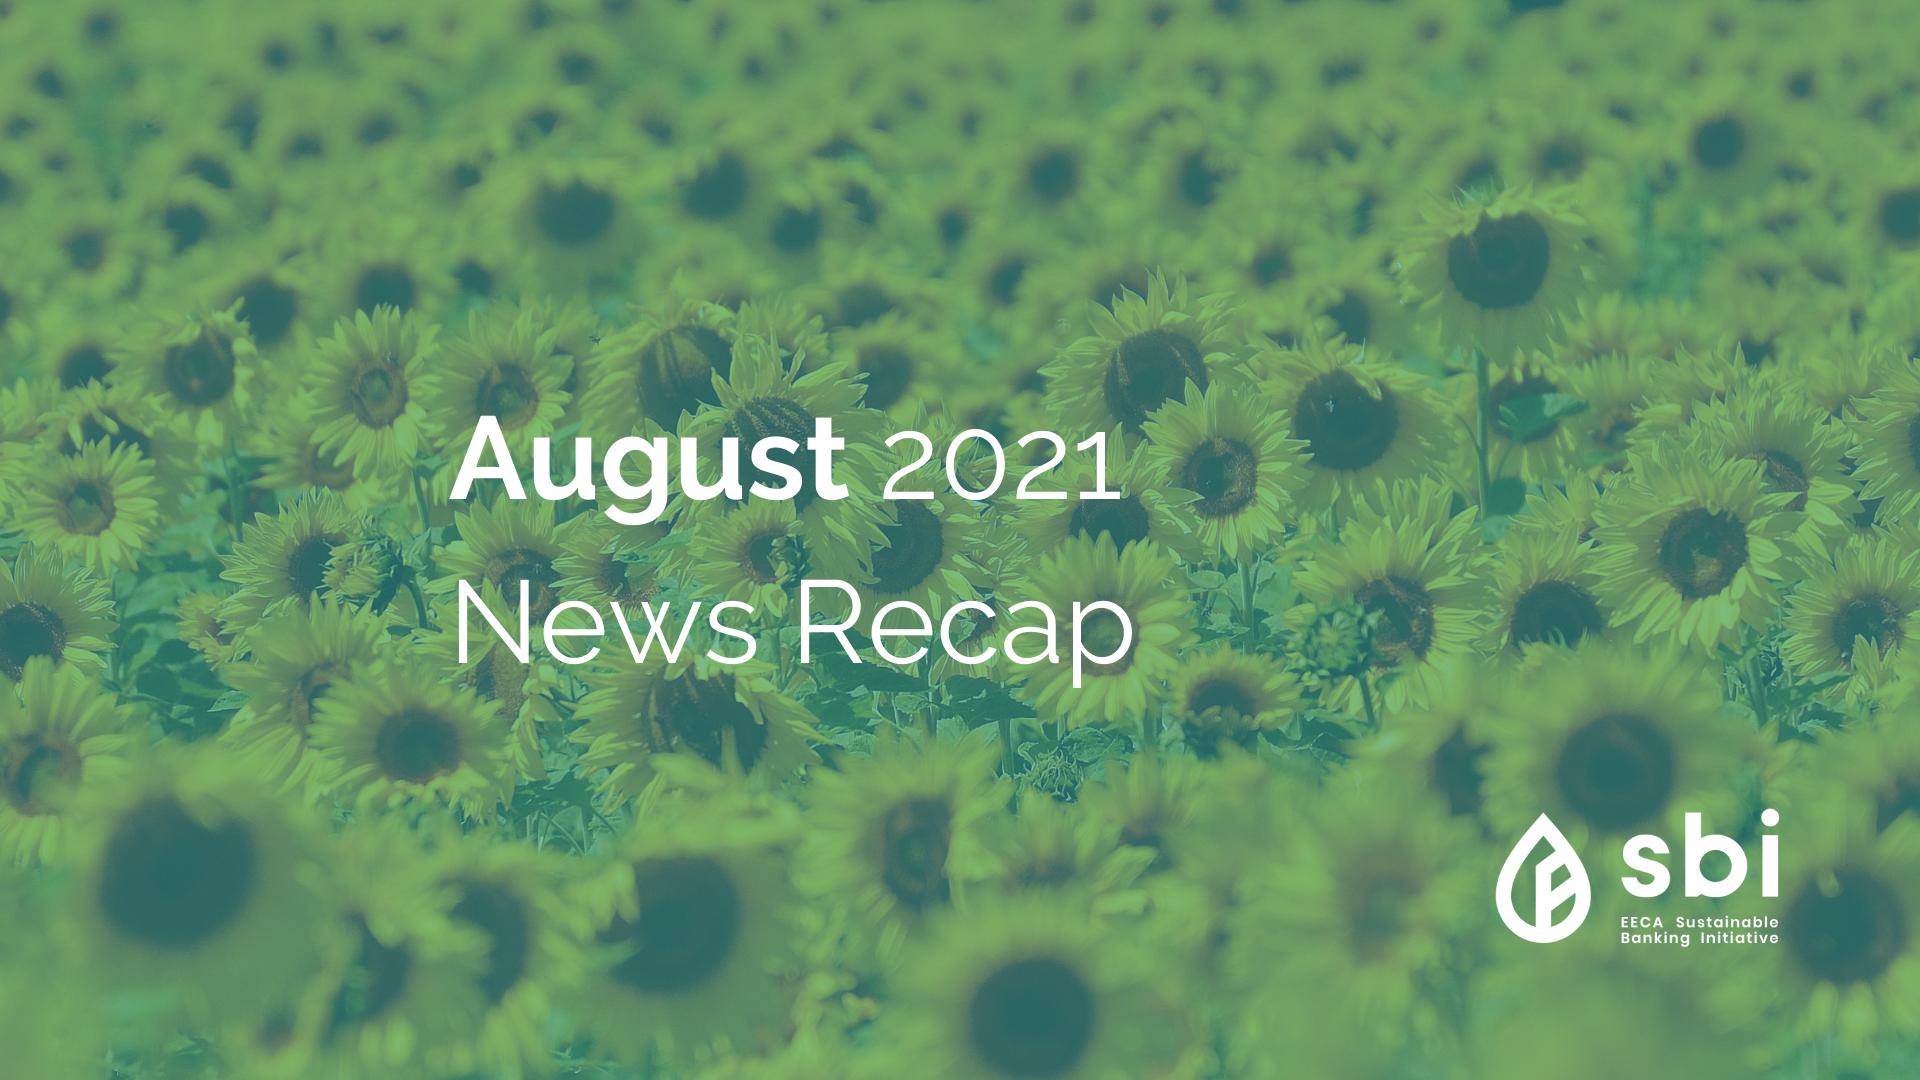 August 2021 News Recap